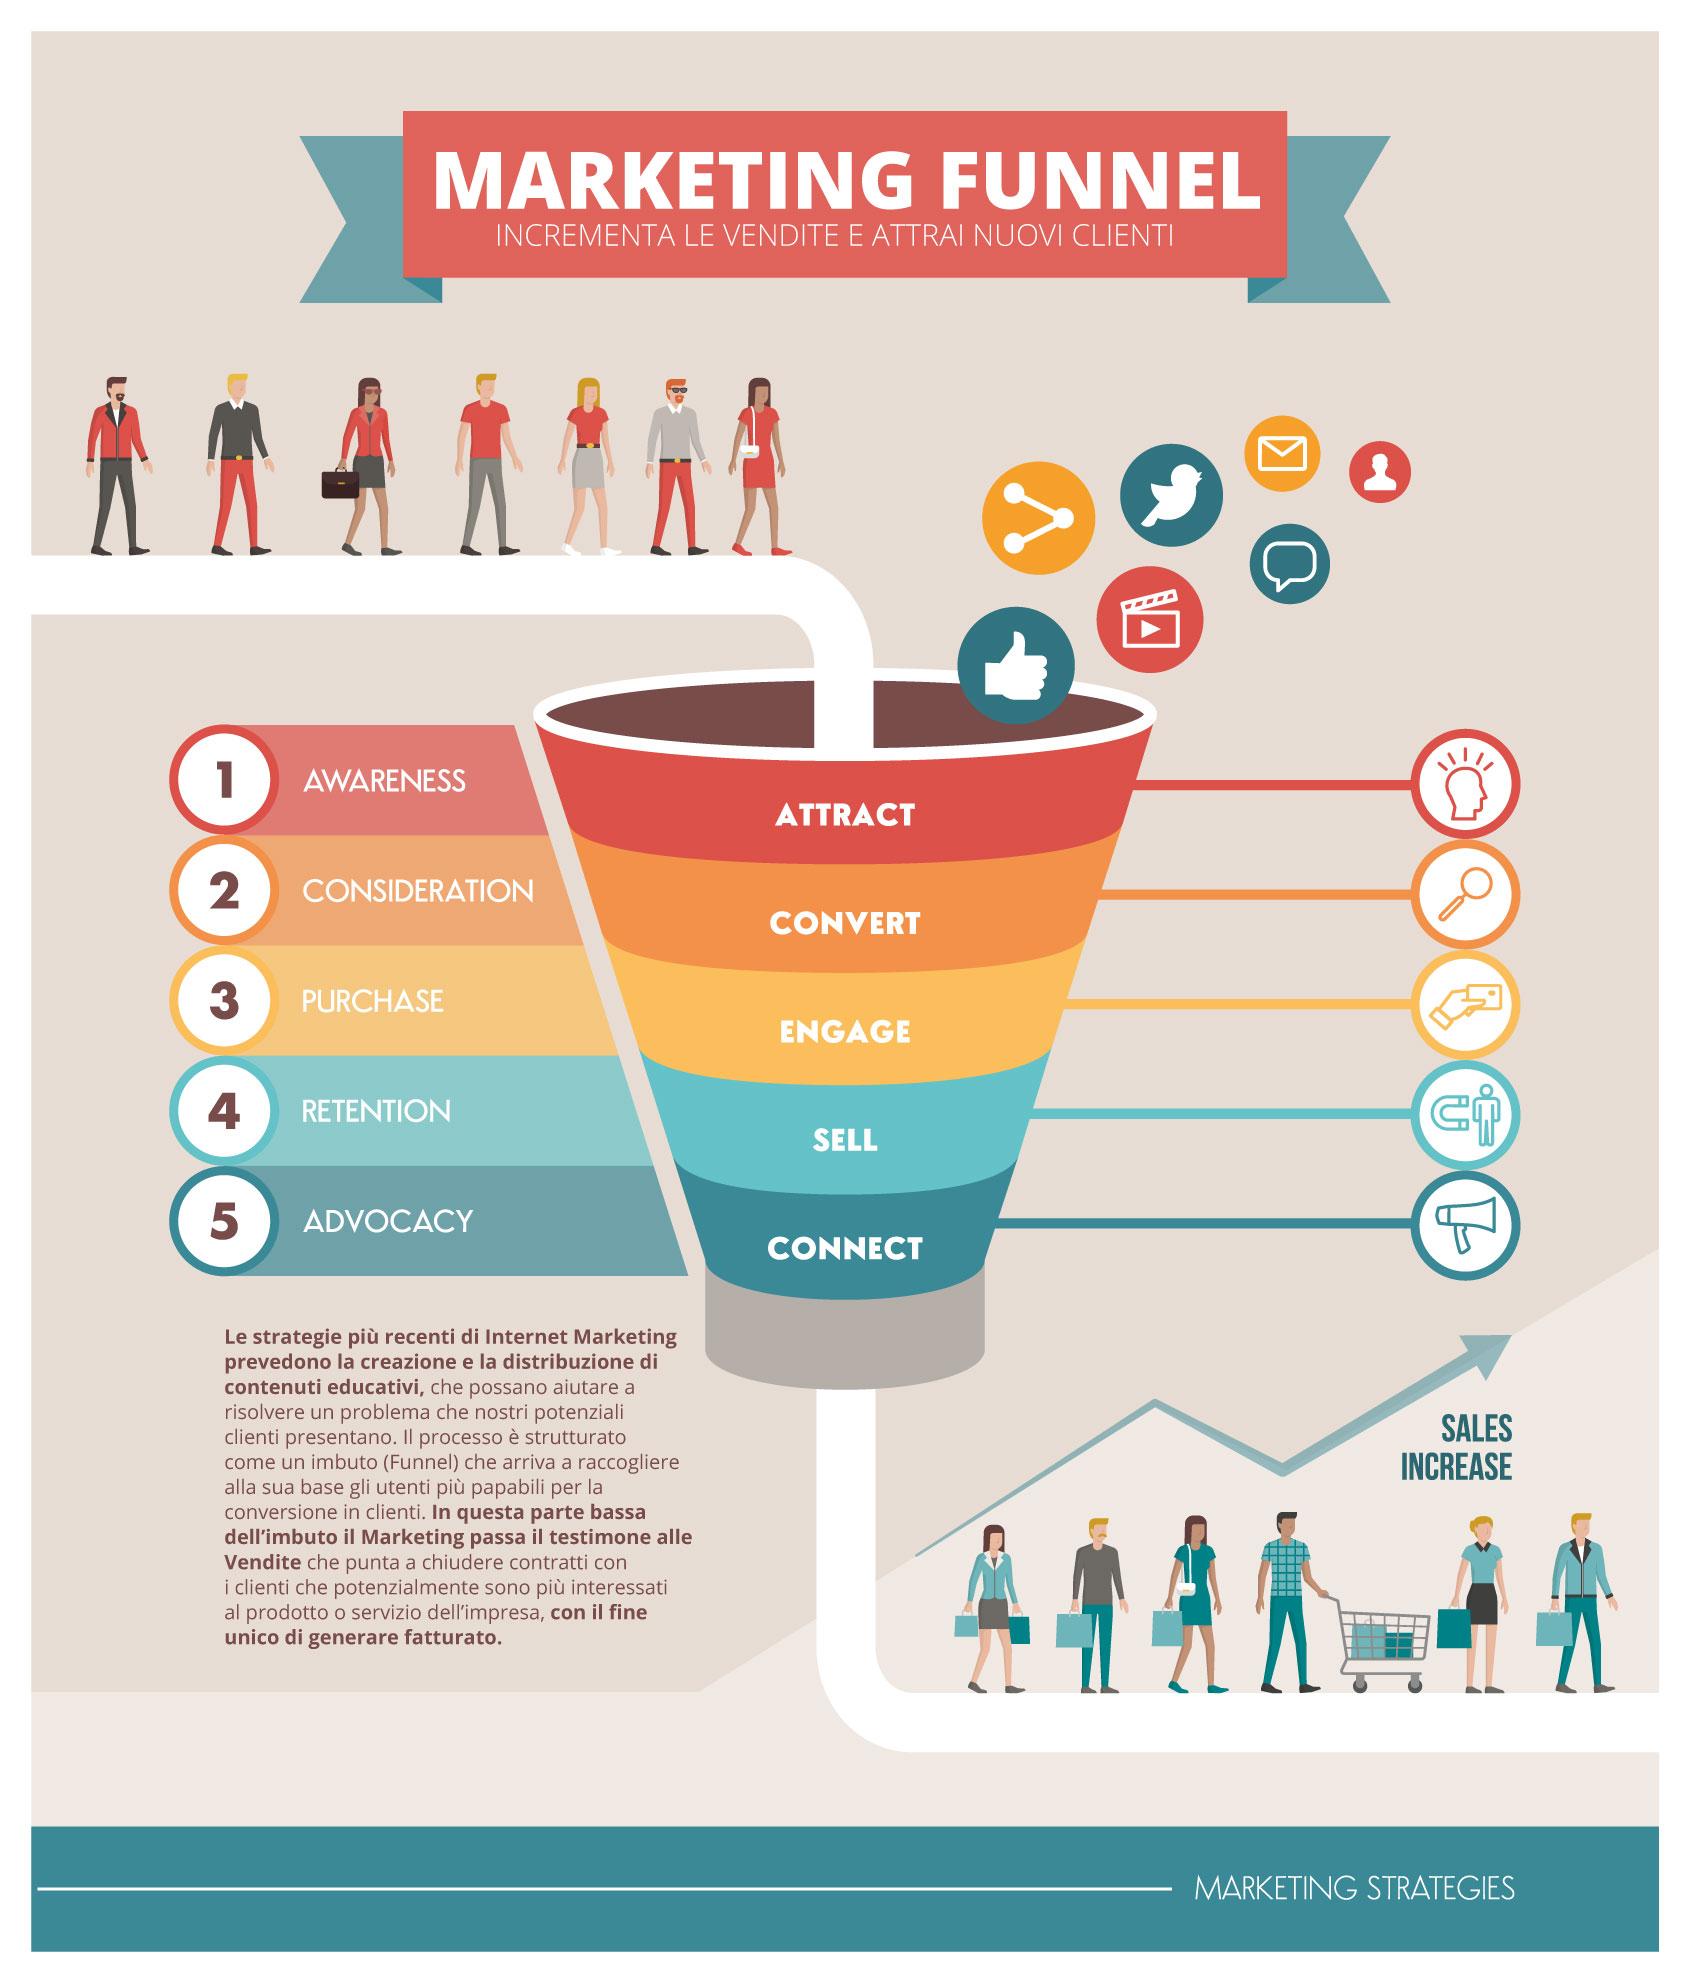 Marketing-funnel-per-incrementare-le-vendite